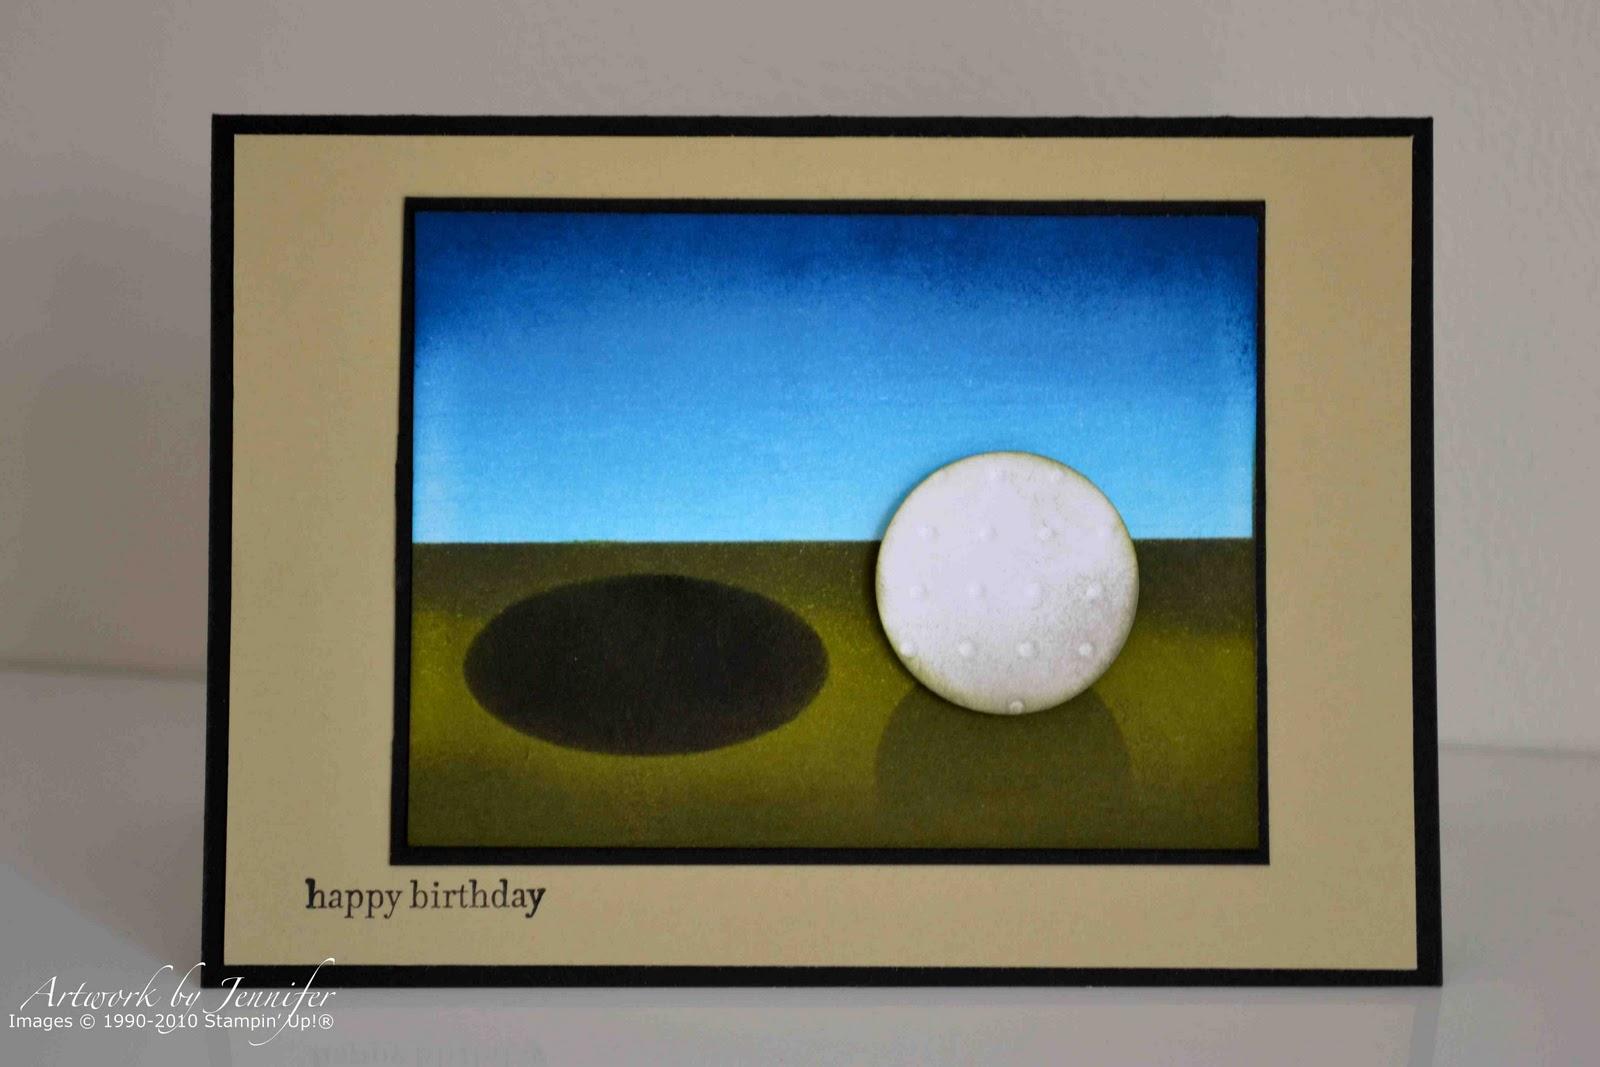 http://4.bp.blogspot.com/-wWB5HUrJieo/TYV4aqz618I/AAAAAAAAAWY/diXXd5unst8/s1600/Have+a+Golfing+Birthday.jpg